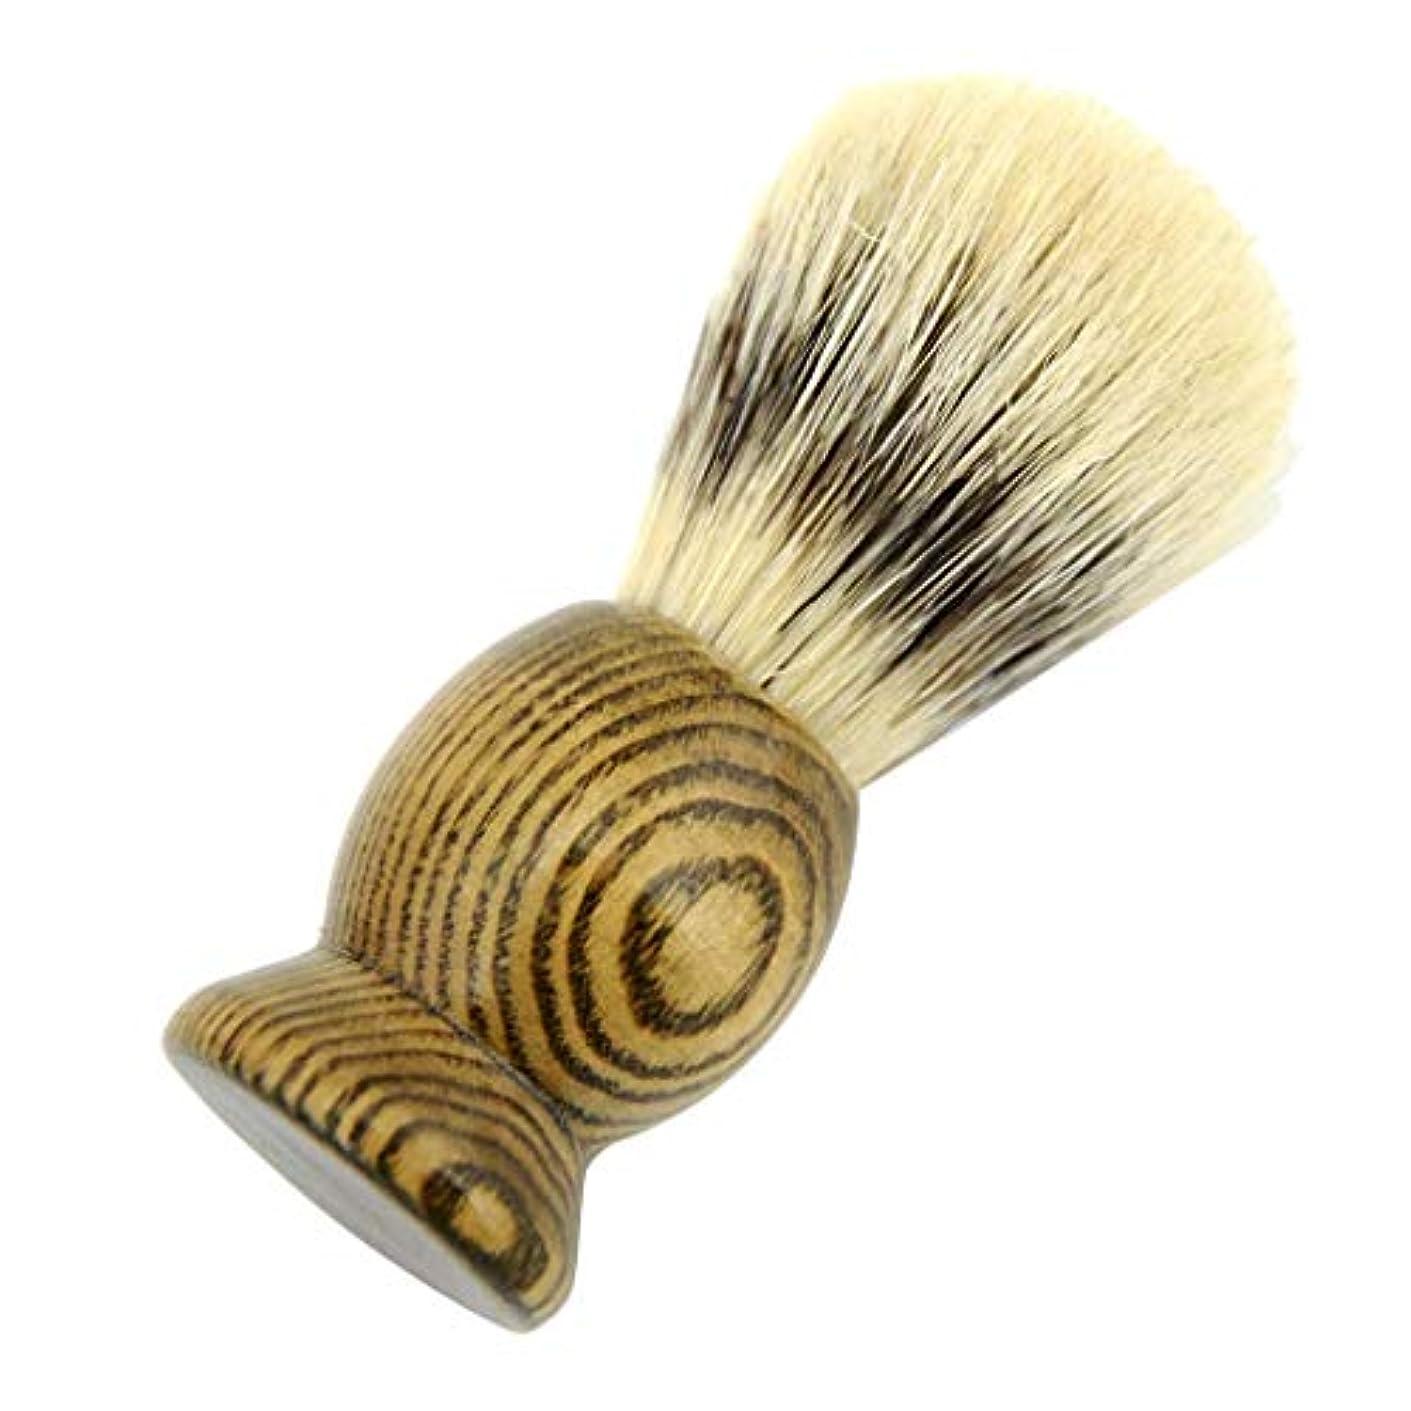 拡散する資本主義フェンスsharprepublic ひげブラシ メンズ シェービングブラシ 髭剃り 理容 洗顔 ポータブルひげ剃り美容ツール